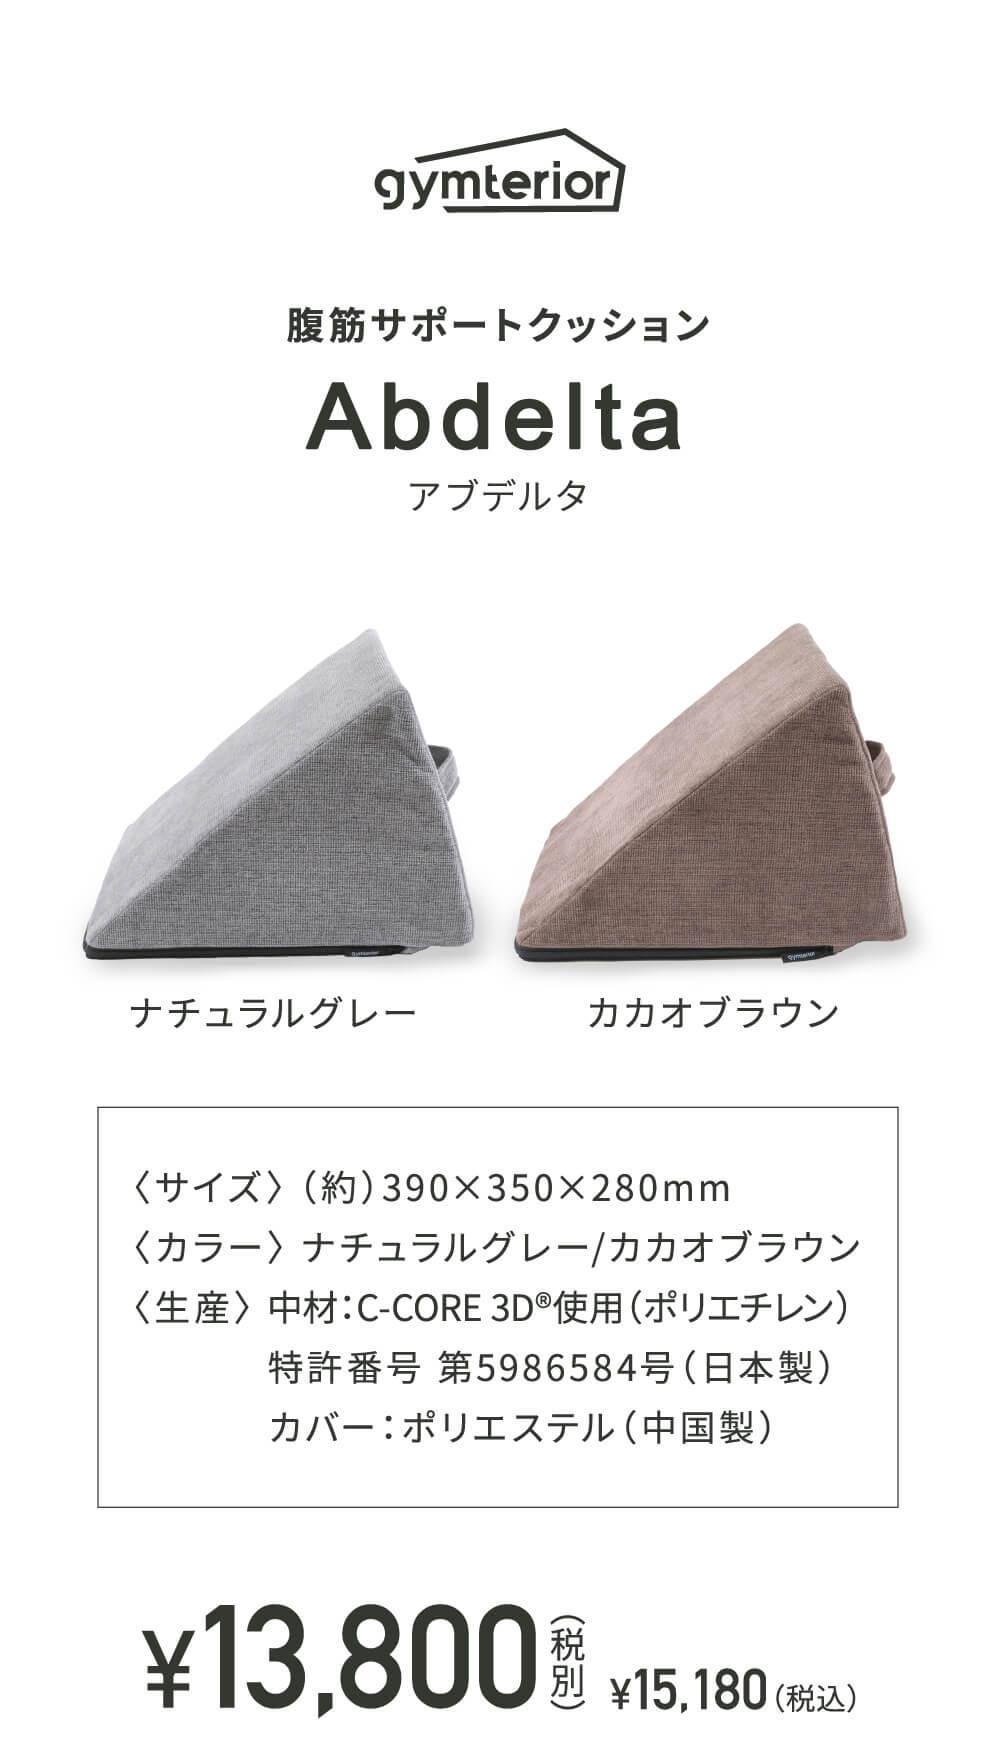 アブデルタ商品詳細